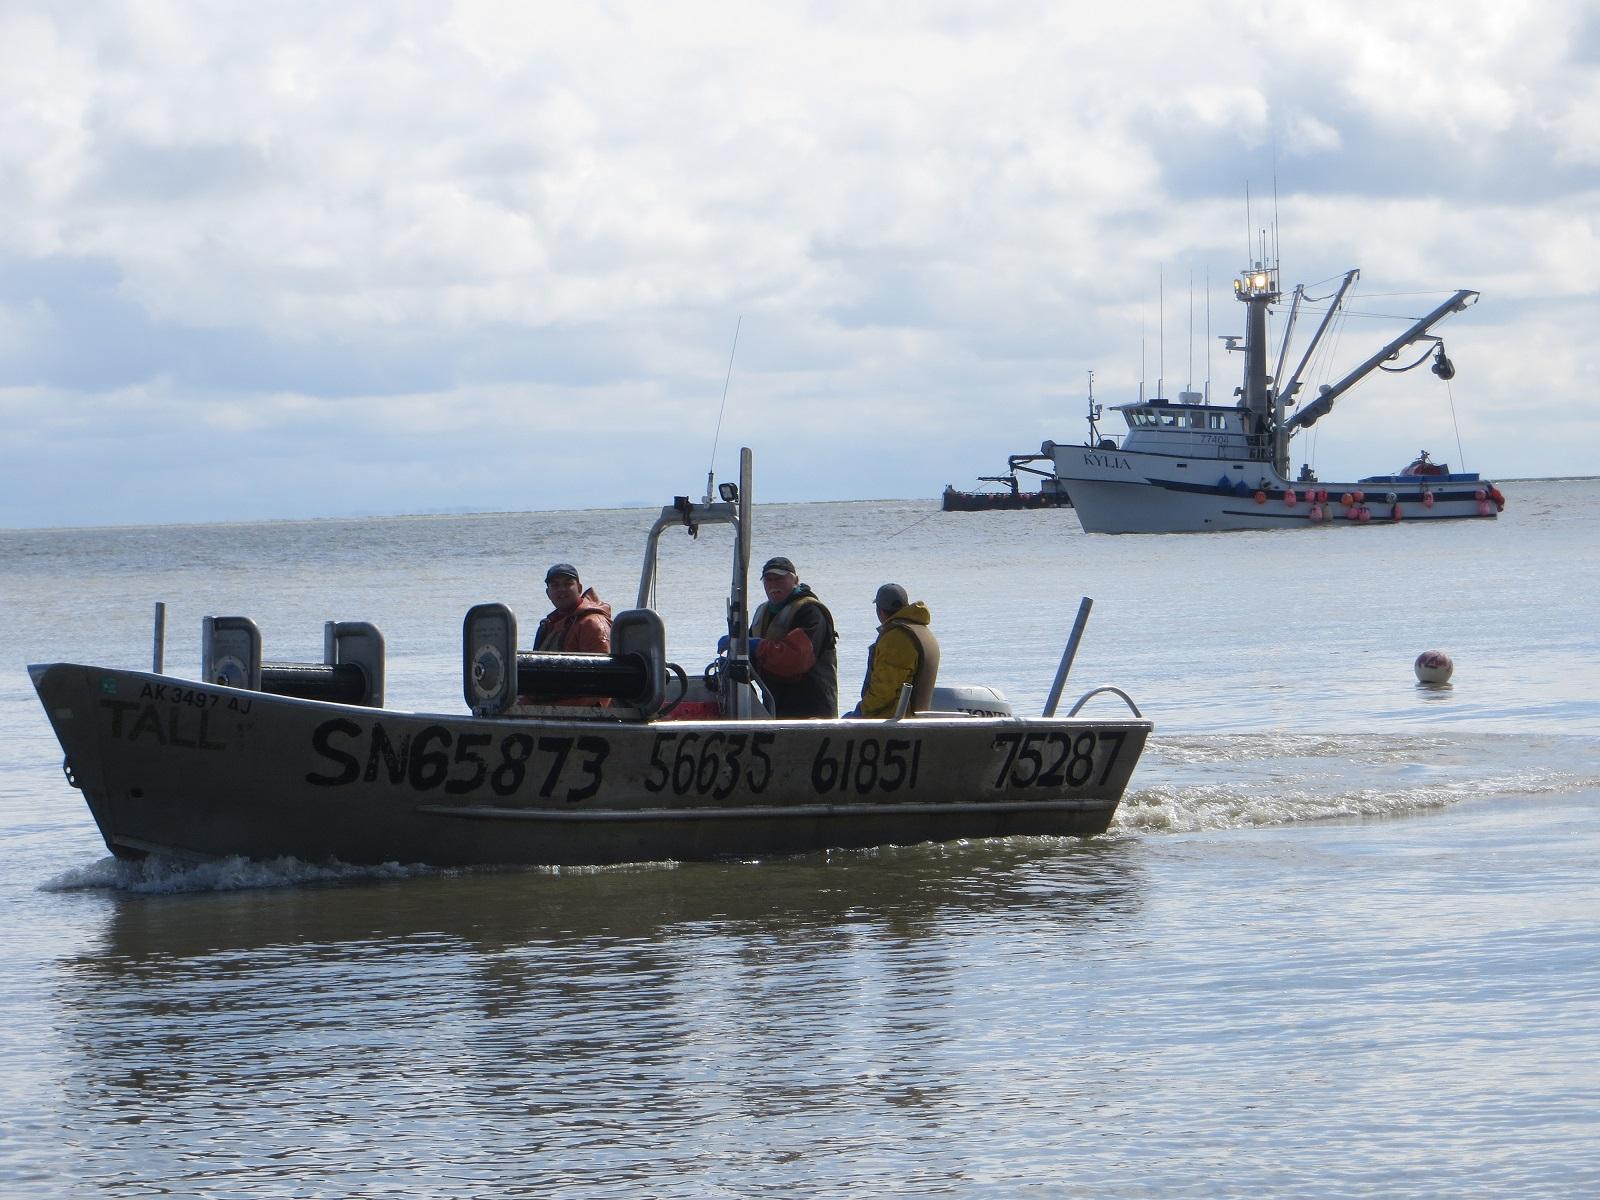 62 3 Million: Bristol Bay's 2018 salmon season the largest